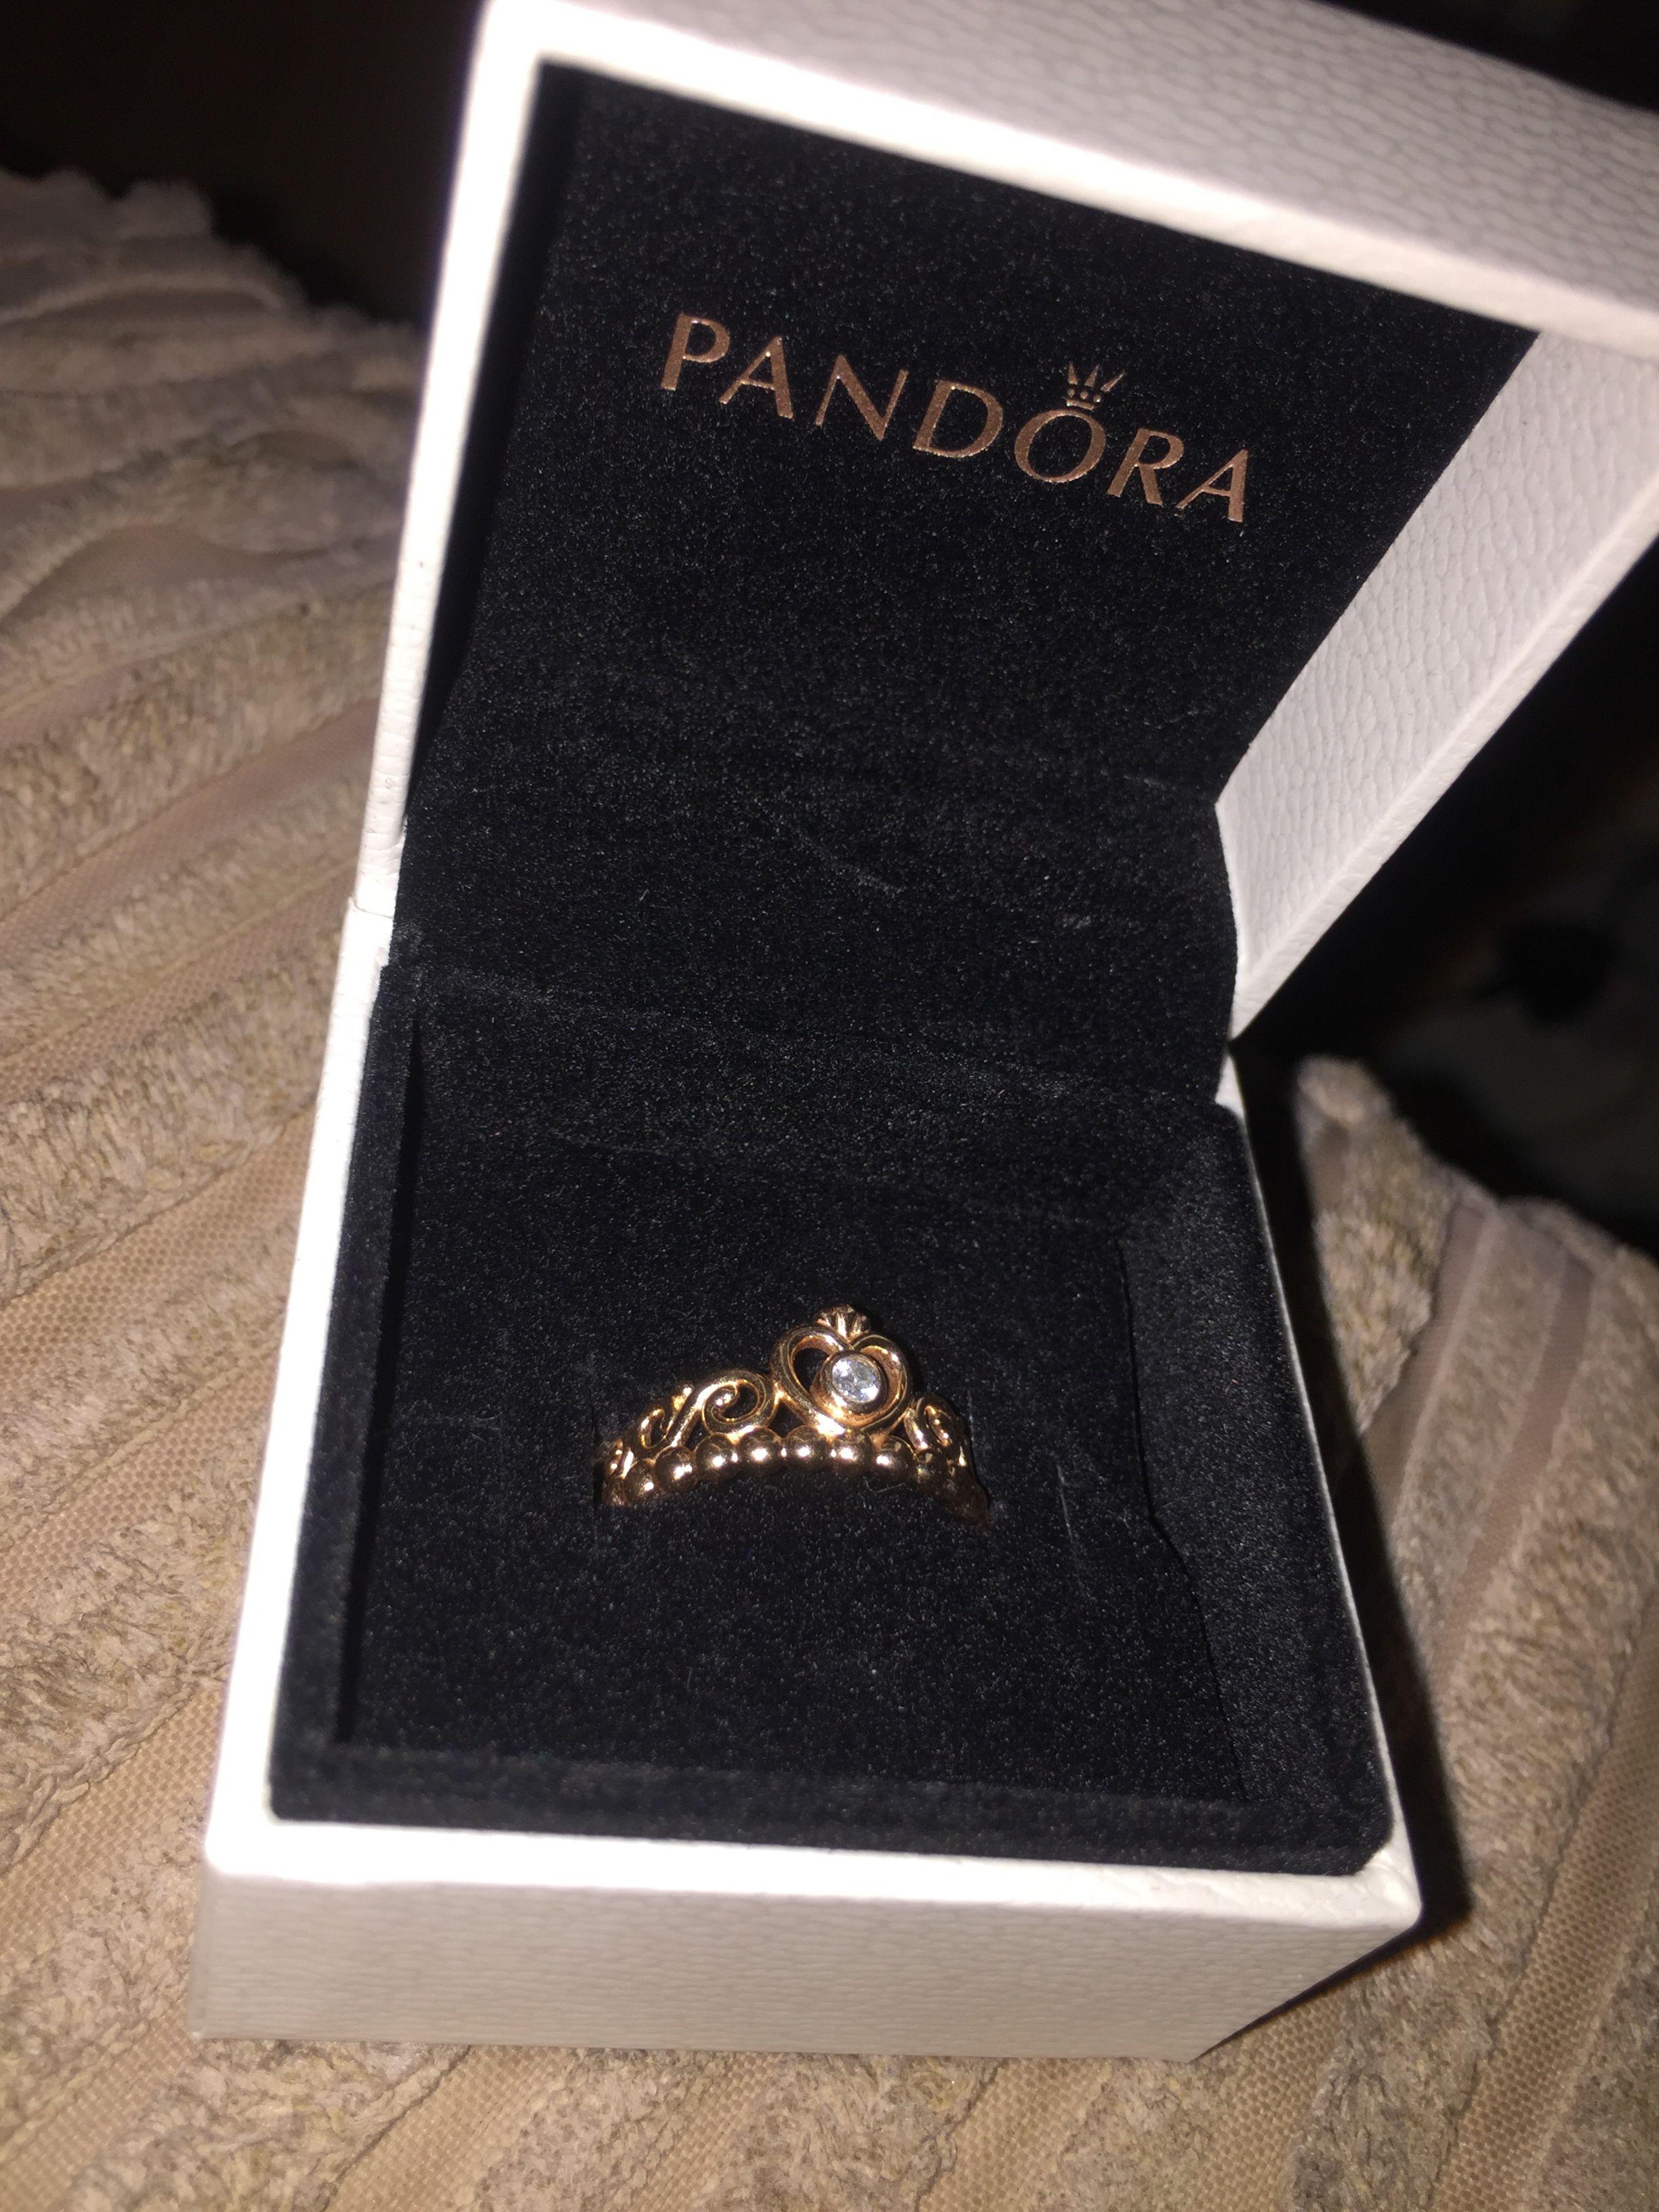 Rose Gold My Princess Tiara Ring Princess Tiara Ring Tiara